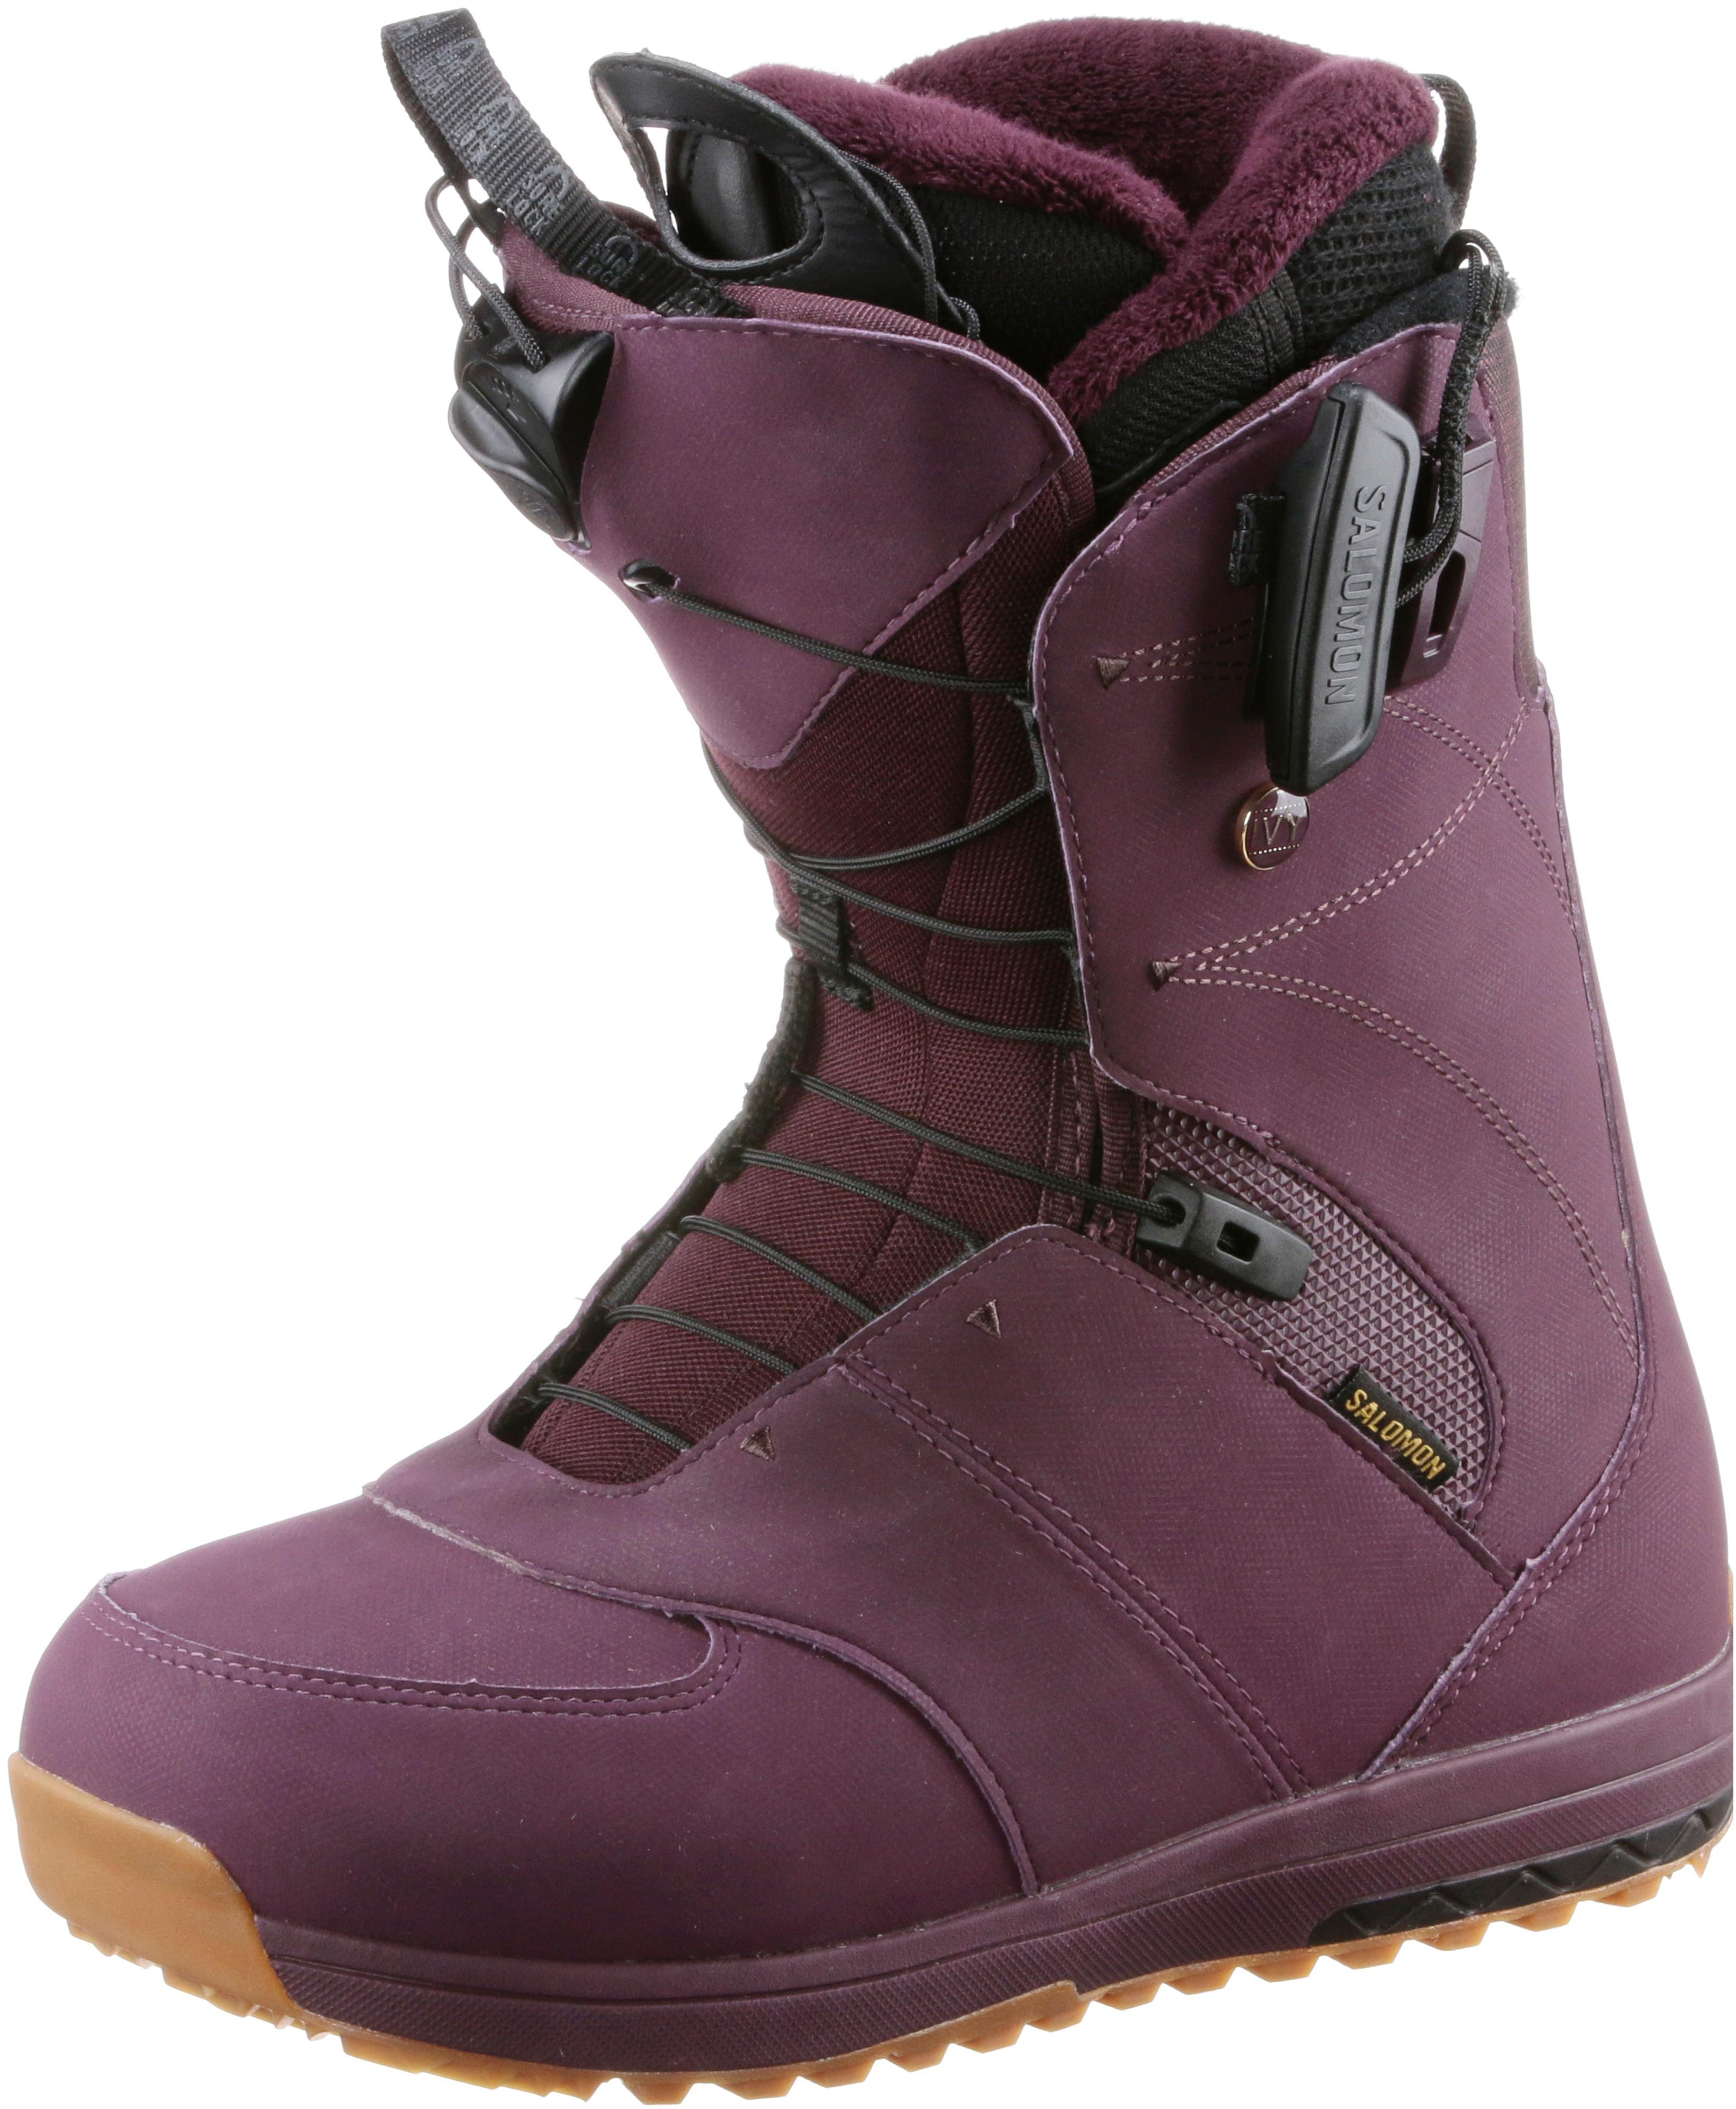 Salomon IVY Snowboard Stiefel Shop Damen Bordeaux im Online Shop Stiefel von SportScheck kaufen Gute Qualität beliebte Schuhe 8ae813